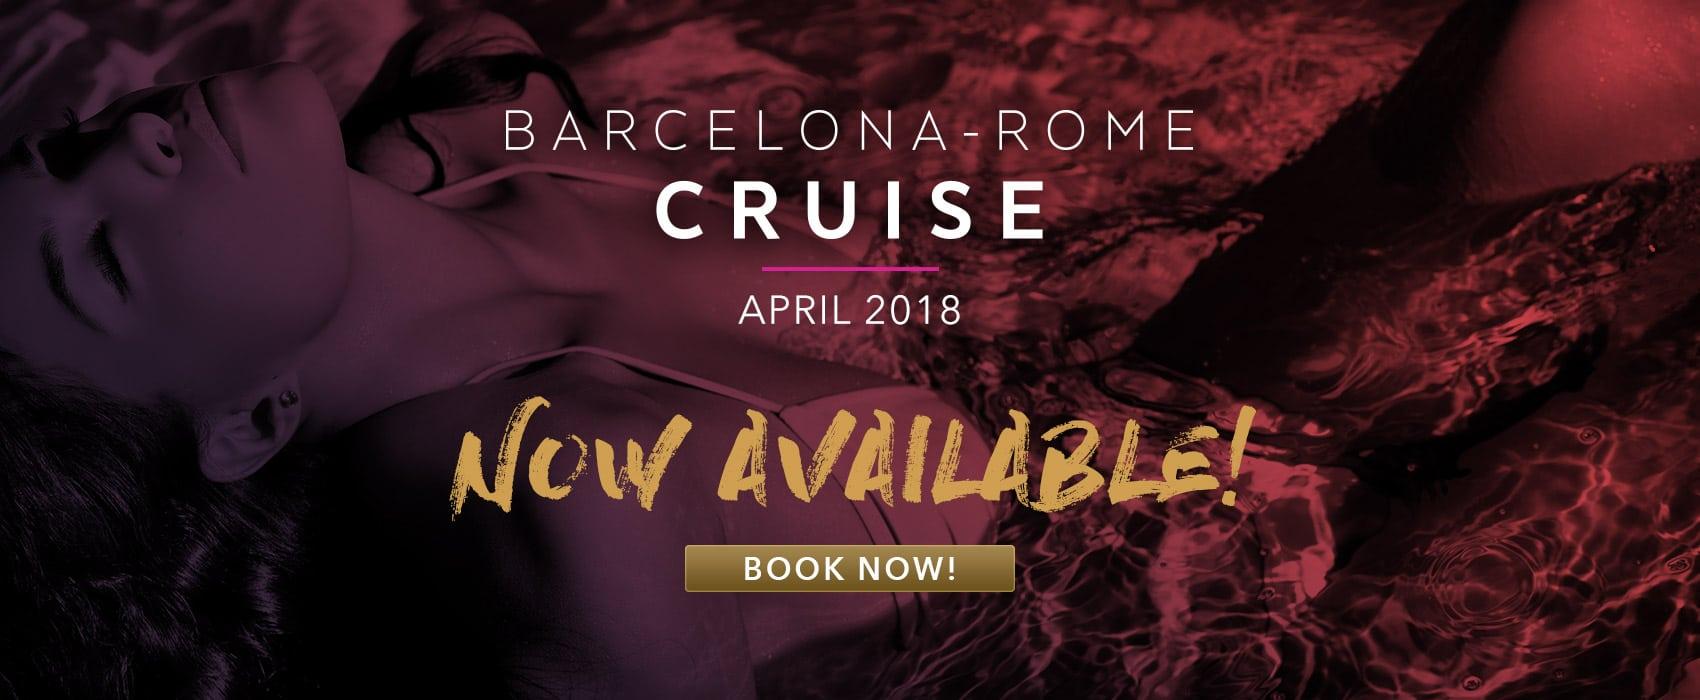 Desire Barcerlona - Rome Cruise, April 2018